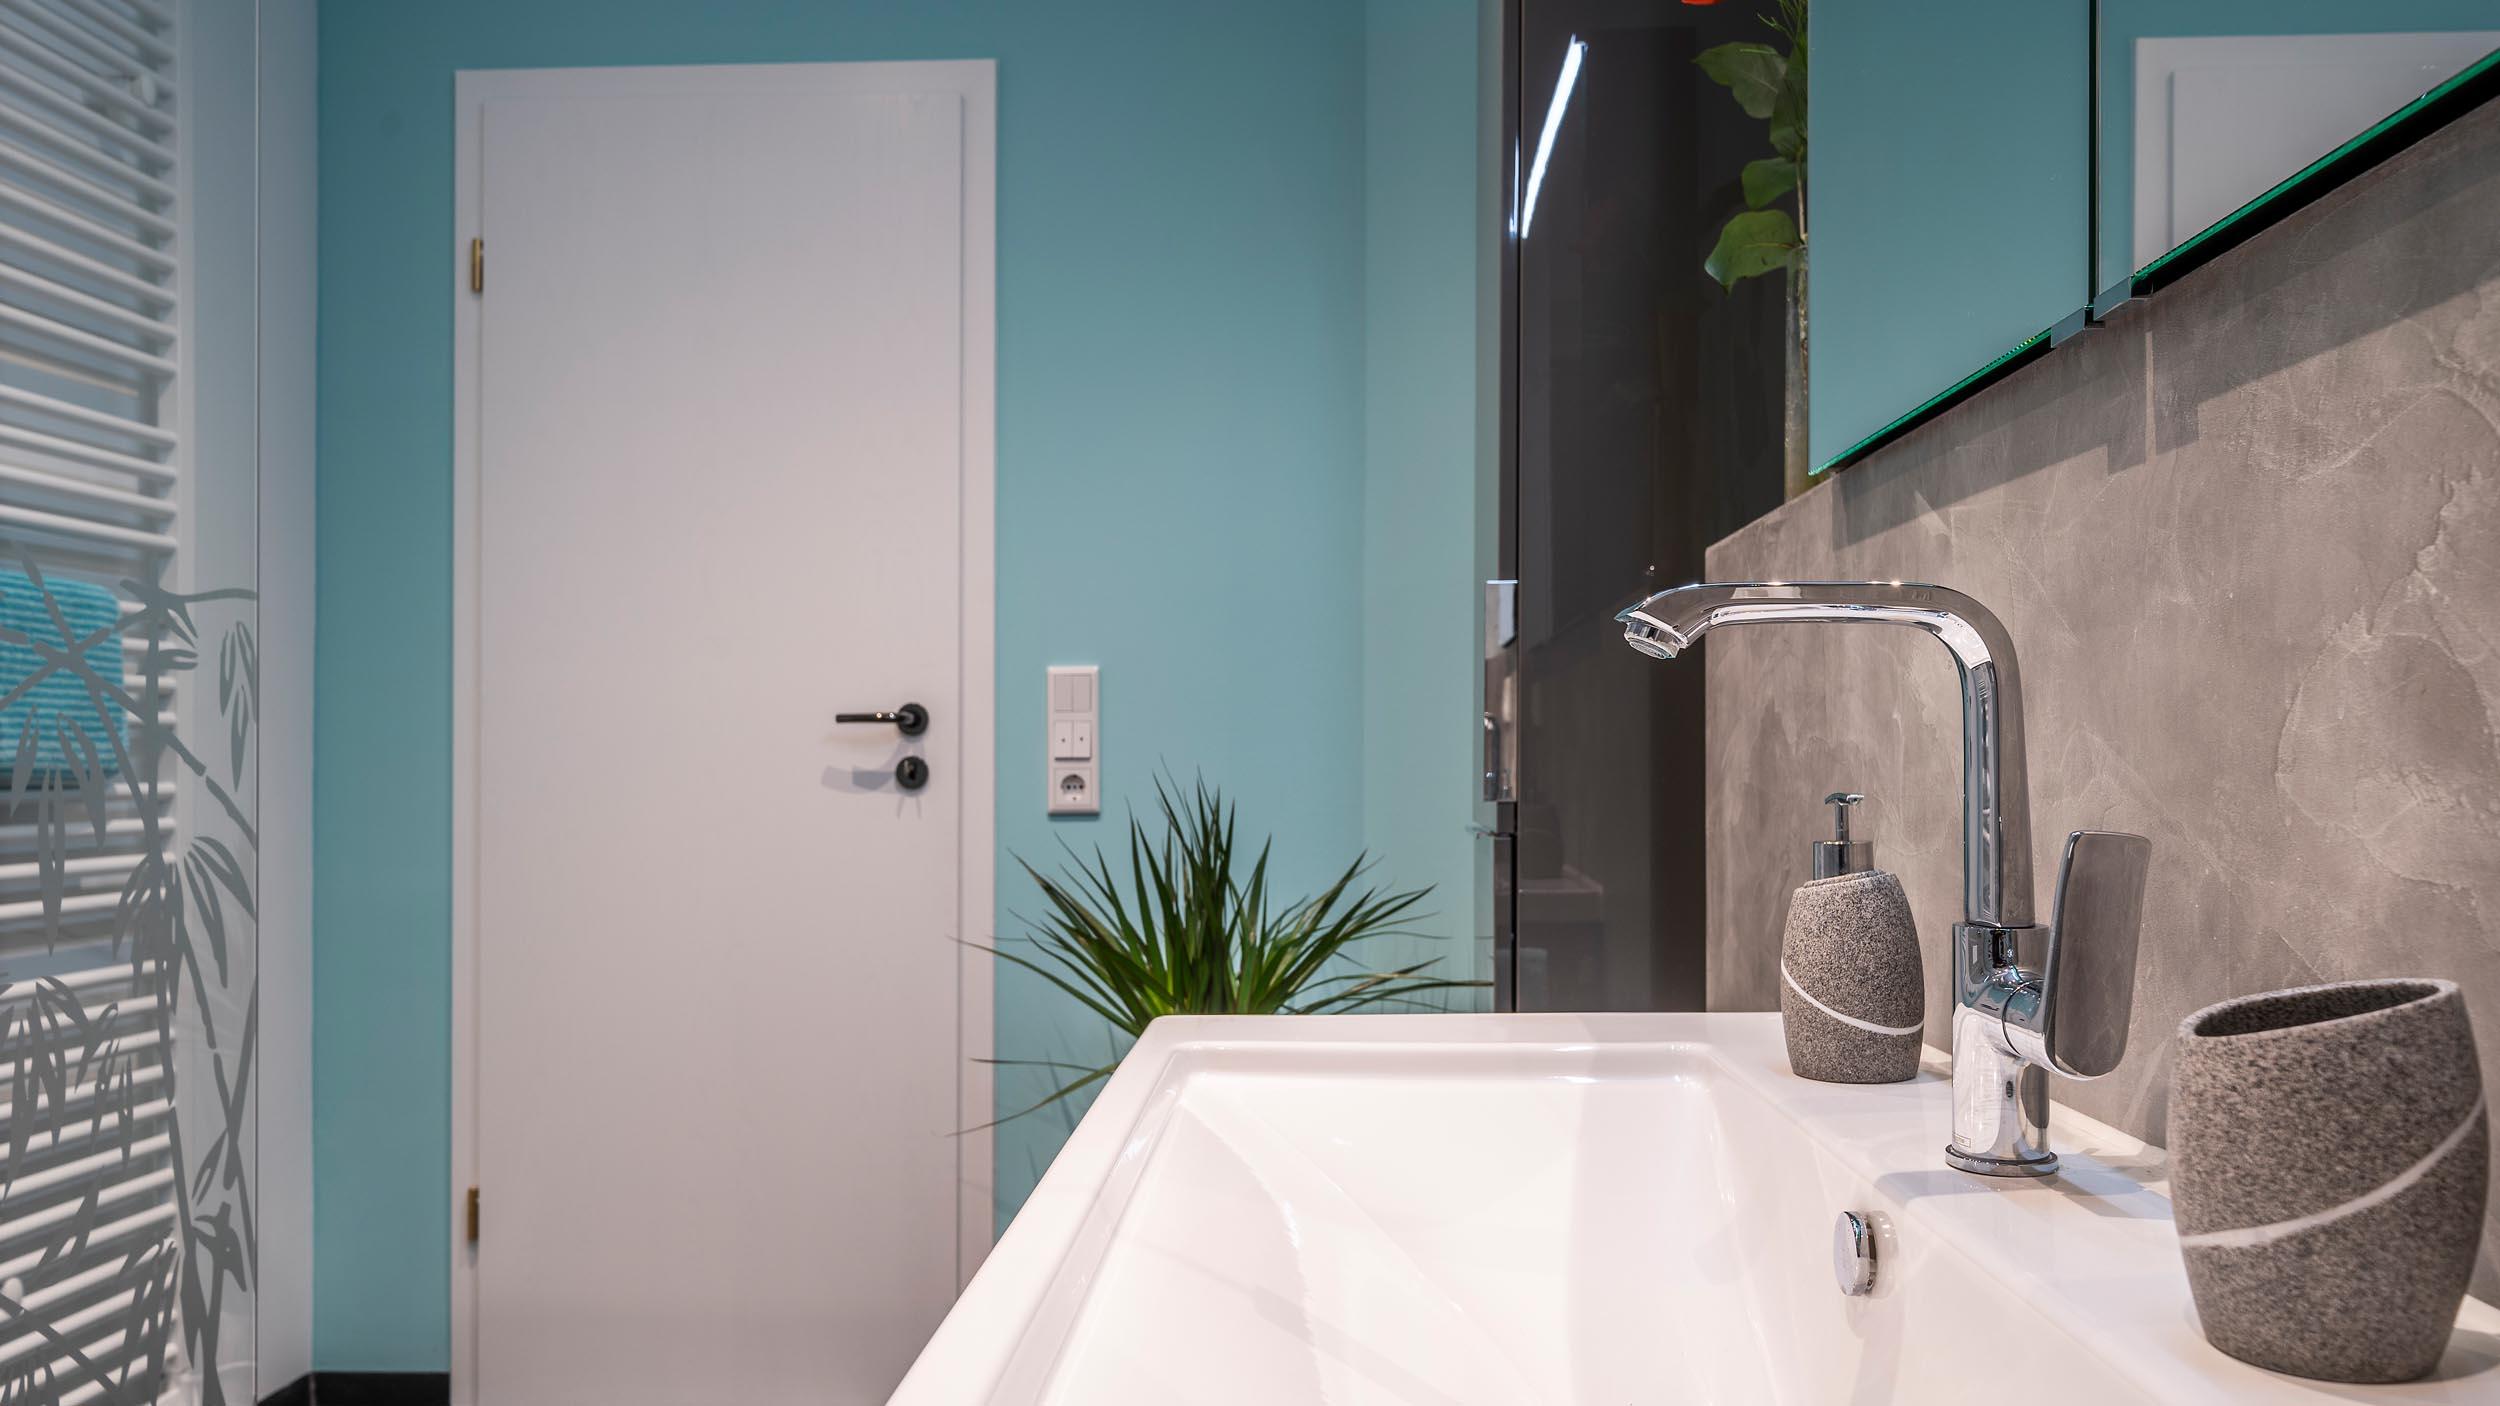 neues Waschbecken im modernisierten Badezimmer